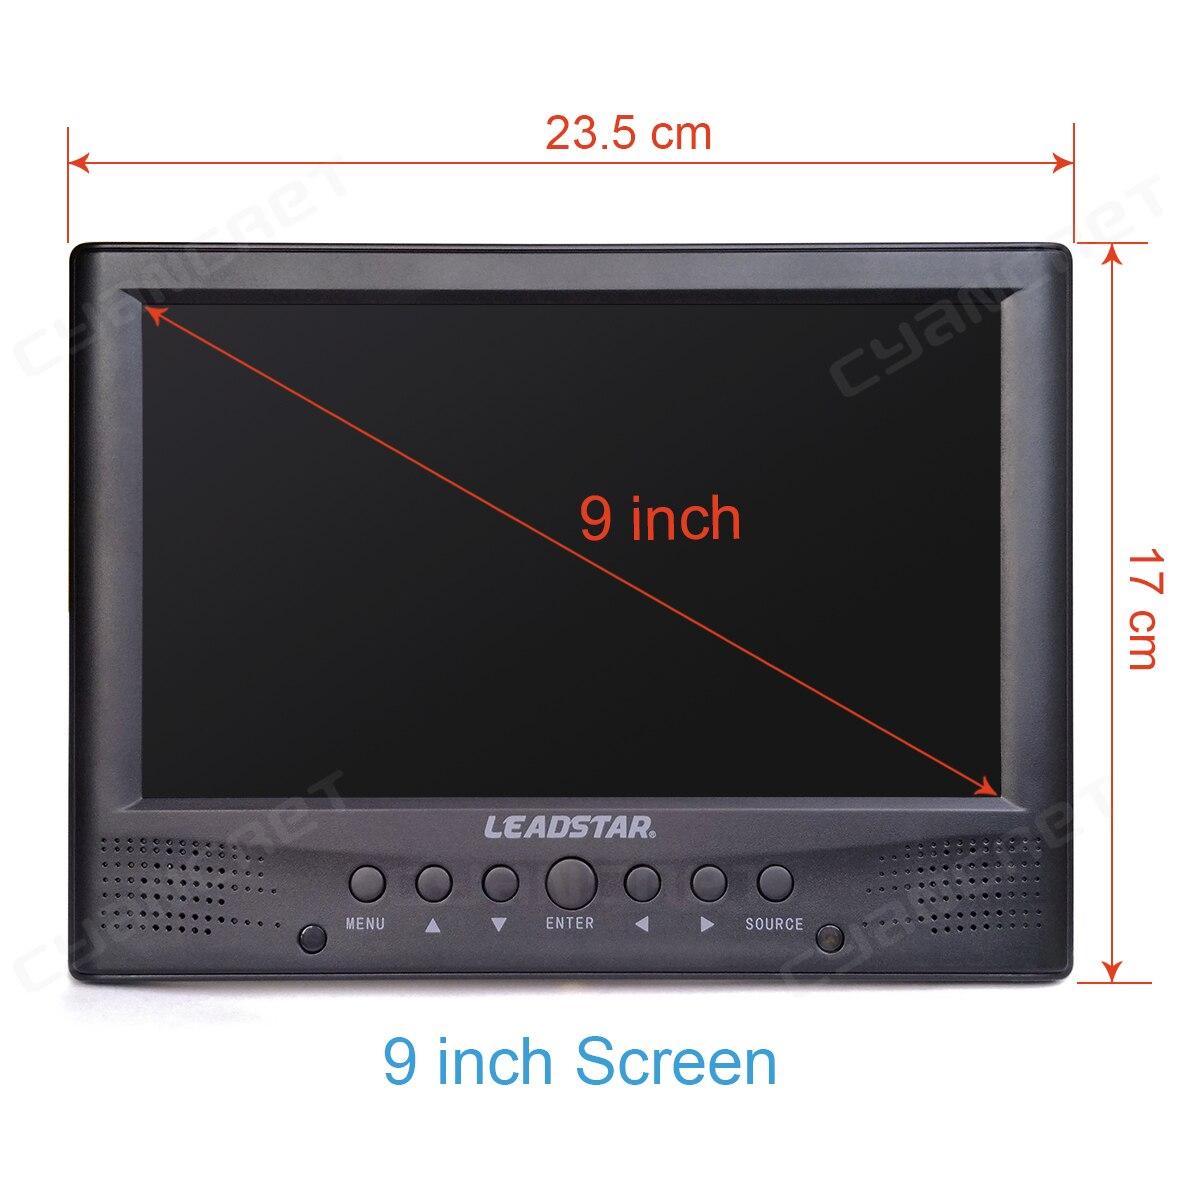 LEADSTAR DVB-T2 Портативный ТВ ATSC tdt 9 дюймов цифровой и аналоговый ТВ передний динамик мини маленький автомобиль ТВ Поддержка H.265 AC3